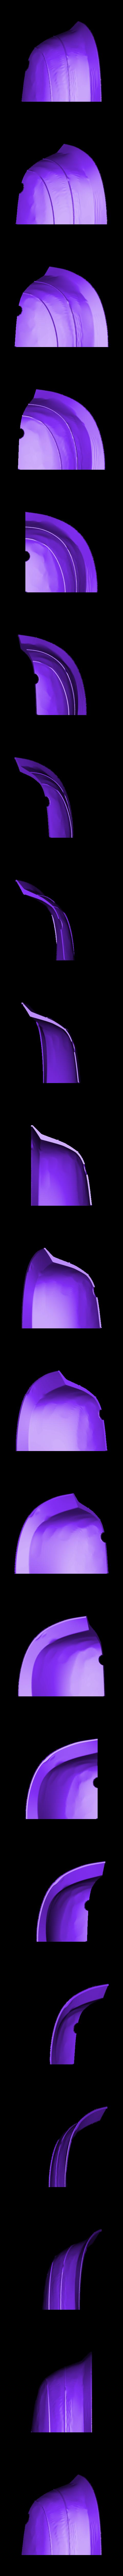 Part_1.stl Télécharger fichier STL gratuit Pour Honor Lawbringer Helm - Chevalier • Objet à imprimer en 3D, VillainousPropShop